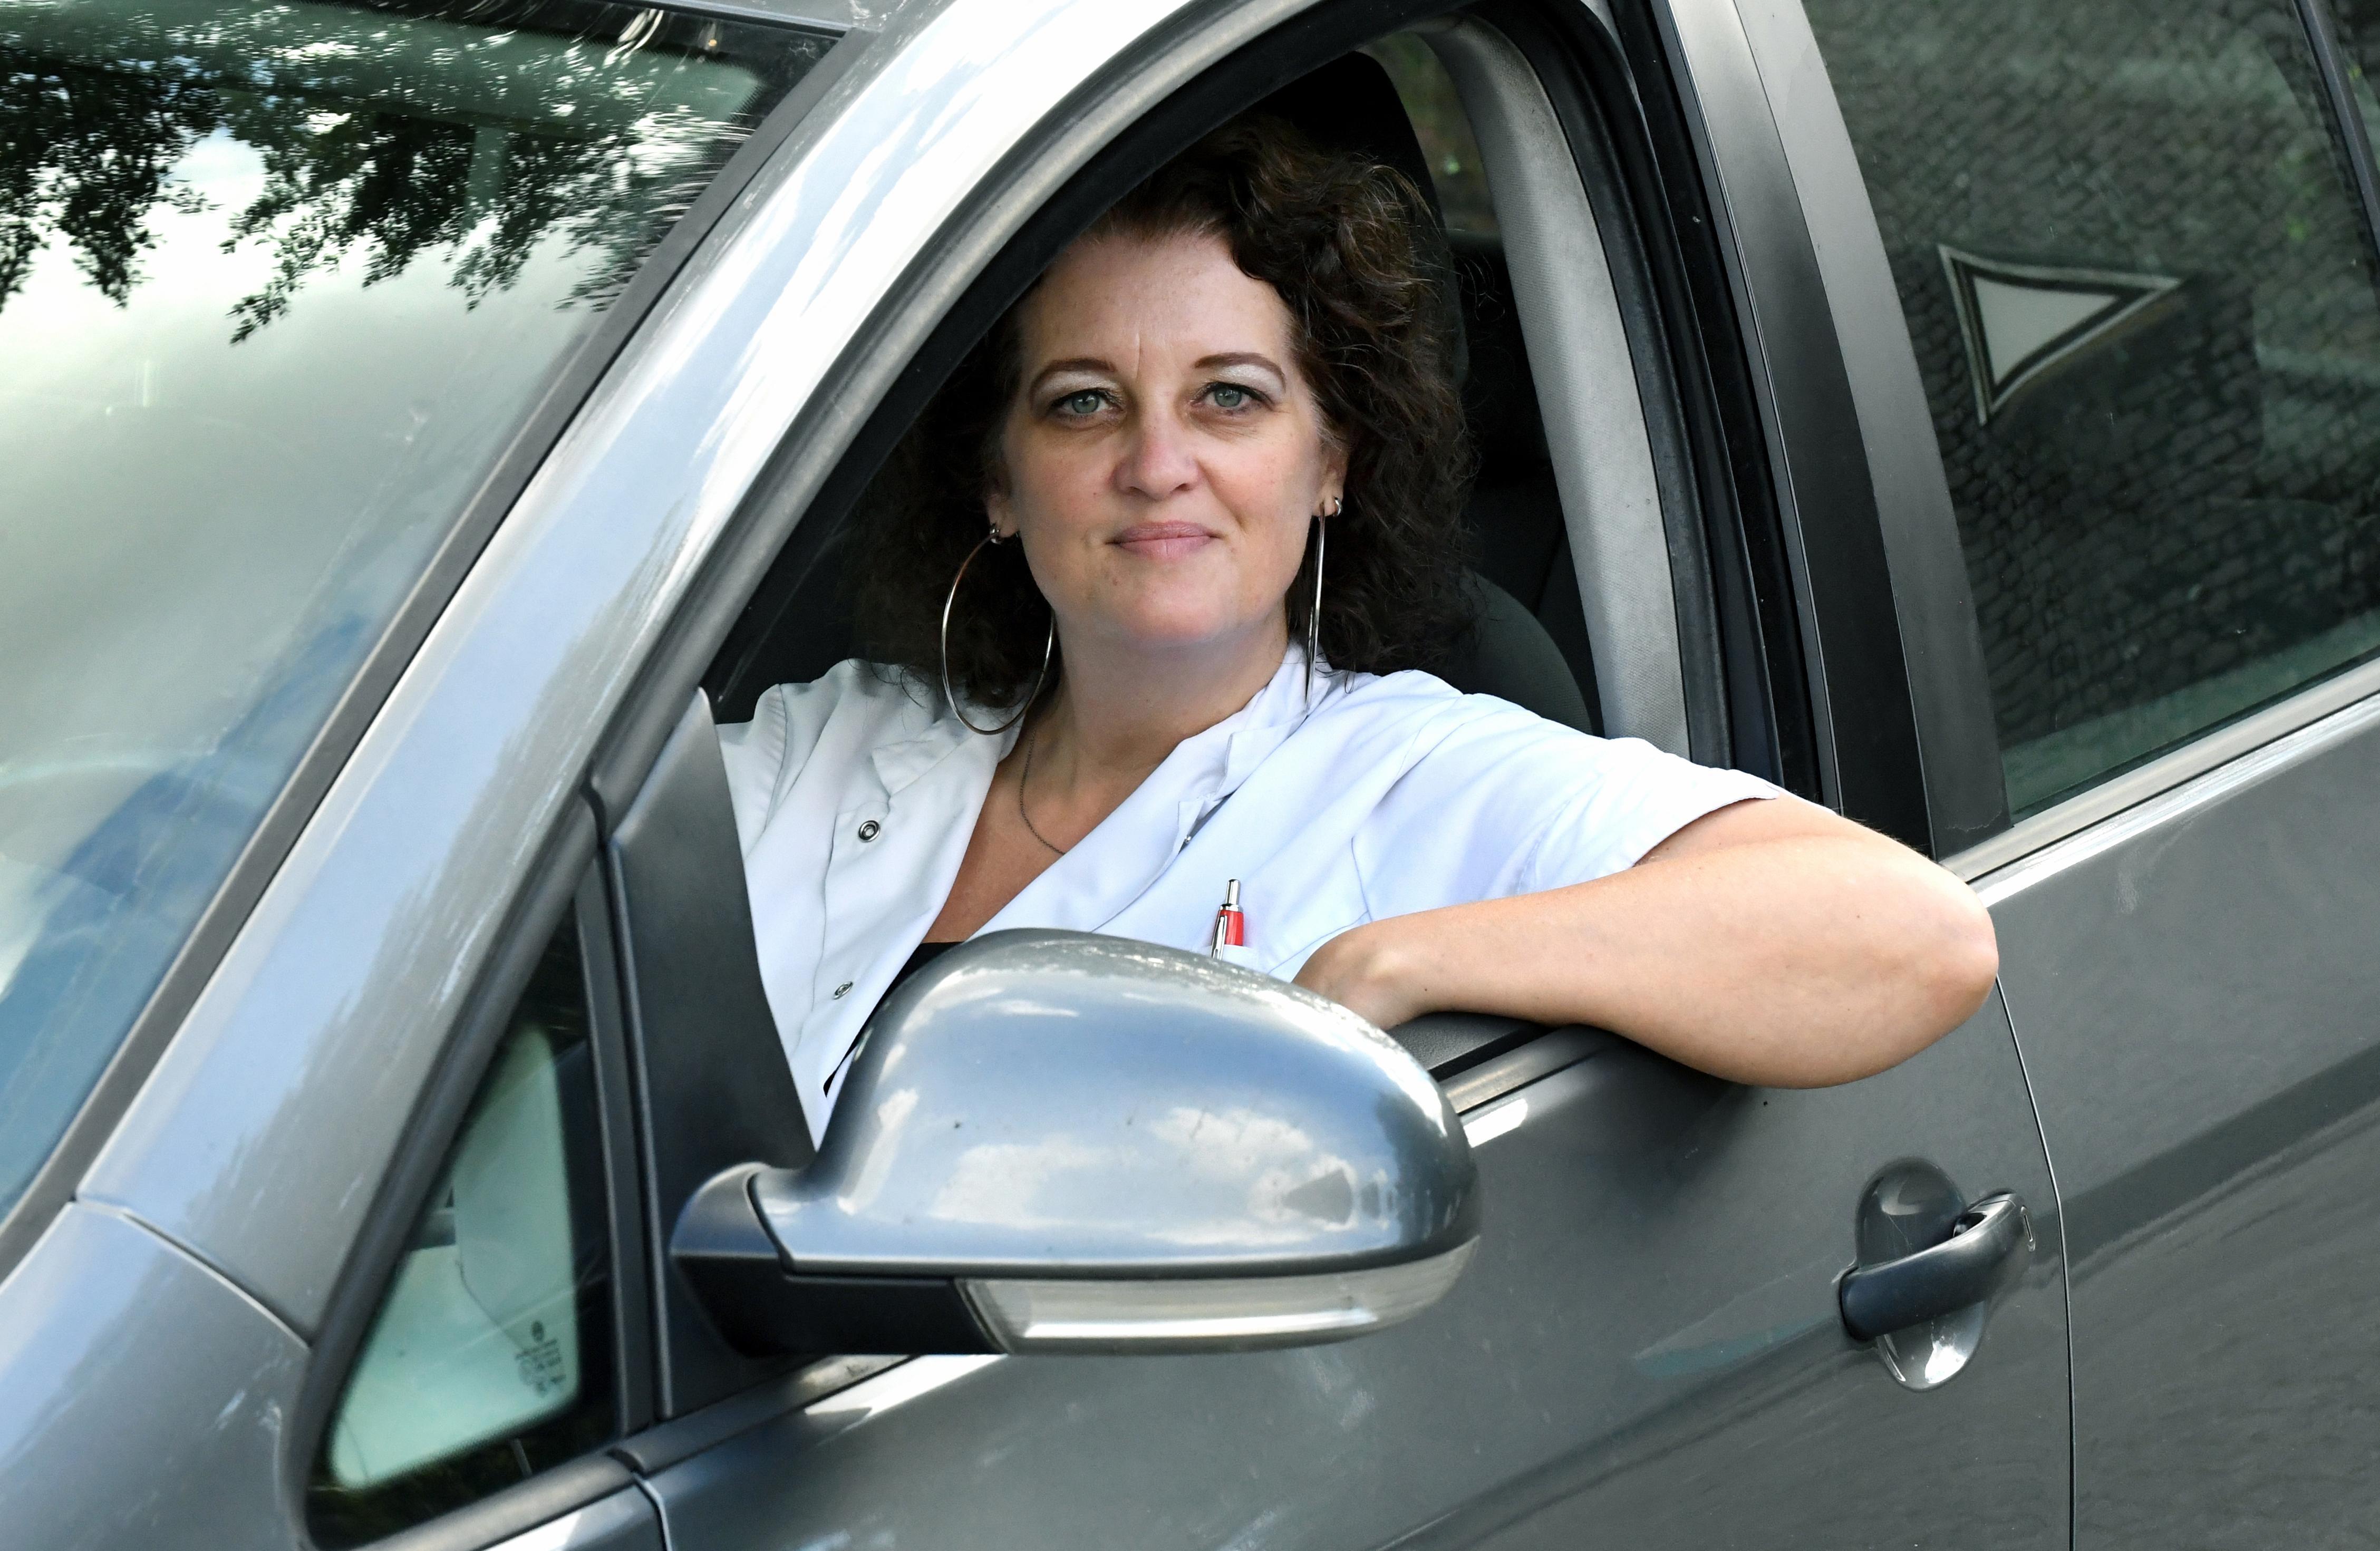 Sandra wordt na fout in het verkeer achtervolgd, klemgereden en belaagd. 'Het was zo eng, en niemand die me te hulp schoot'